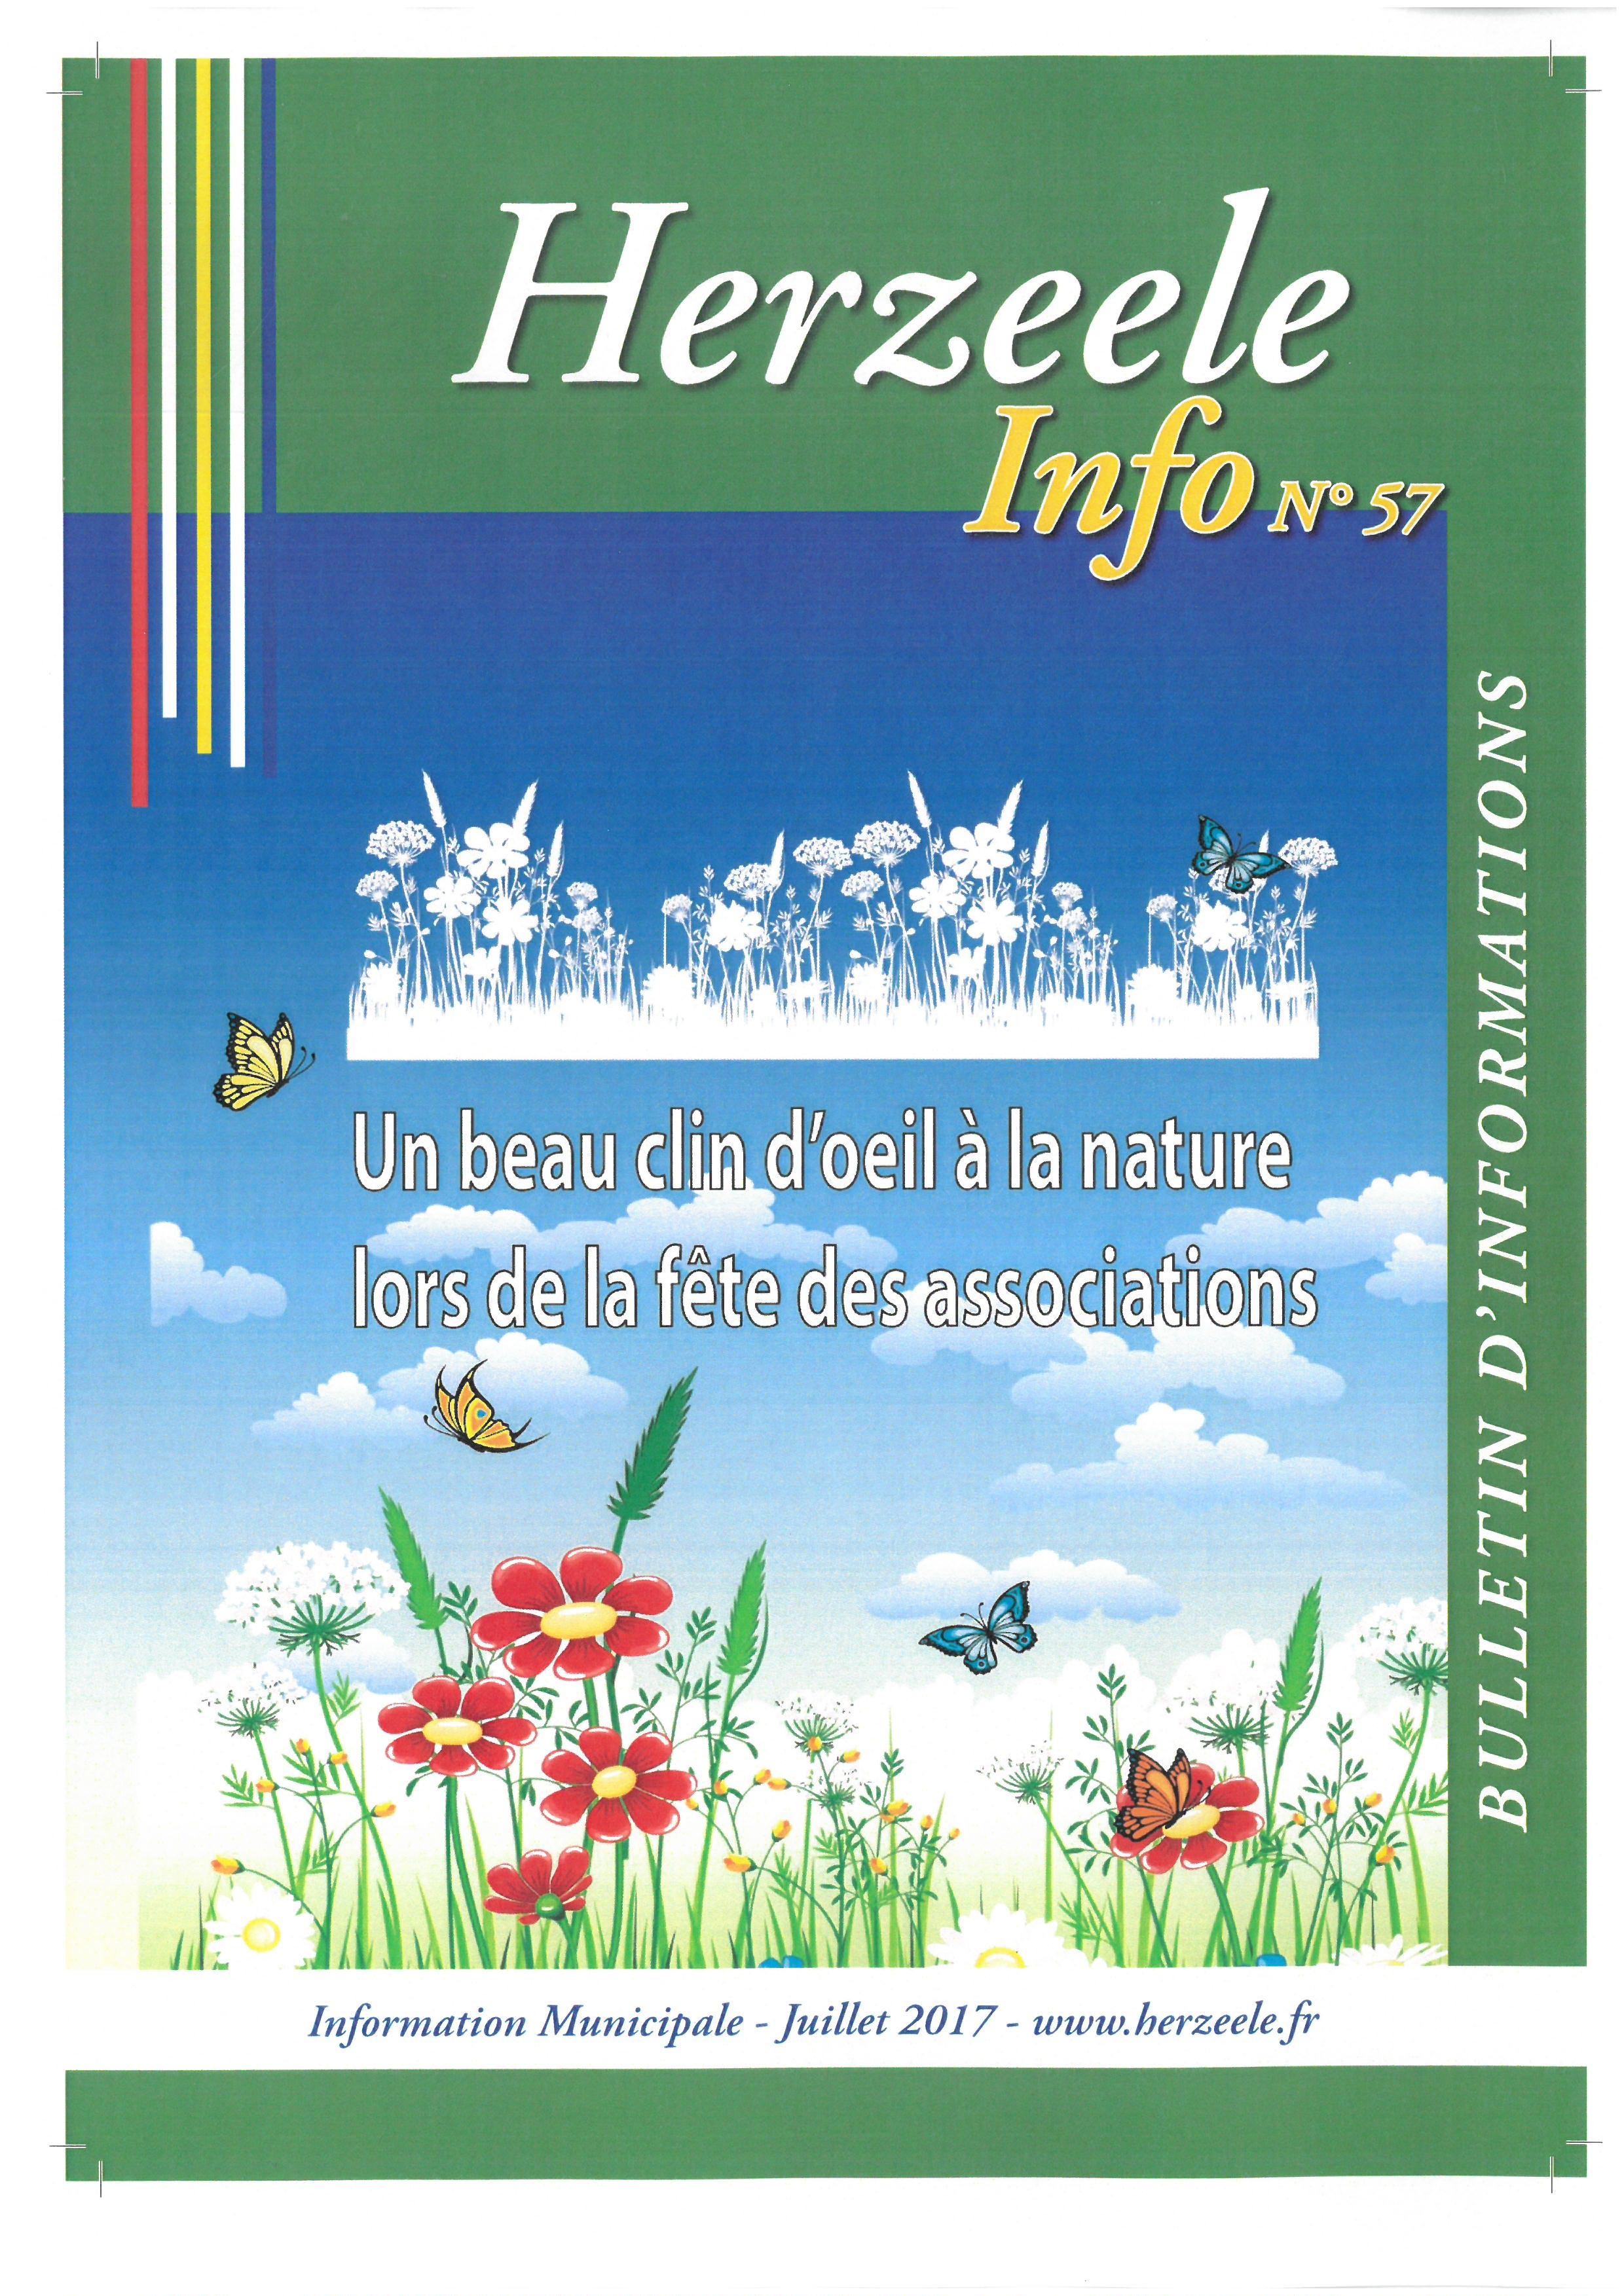 Herzeele info n°57.jpg